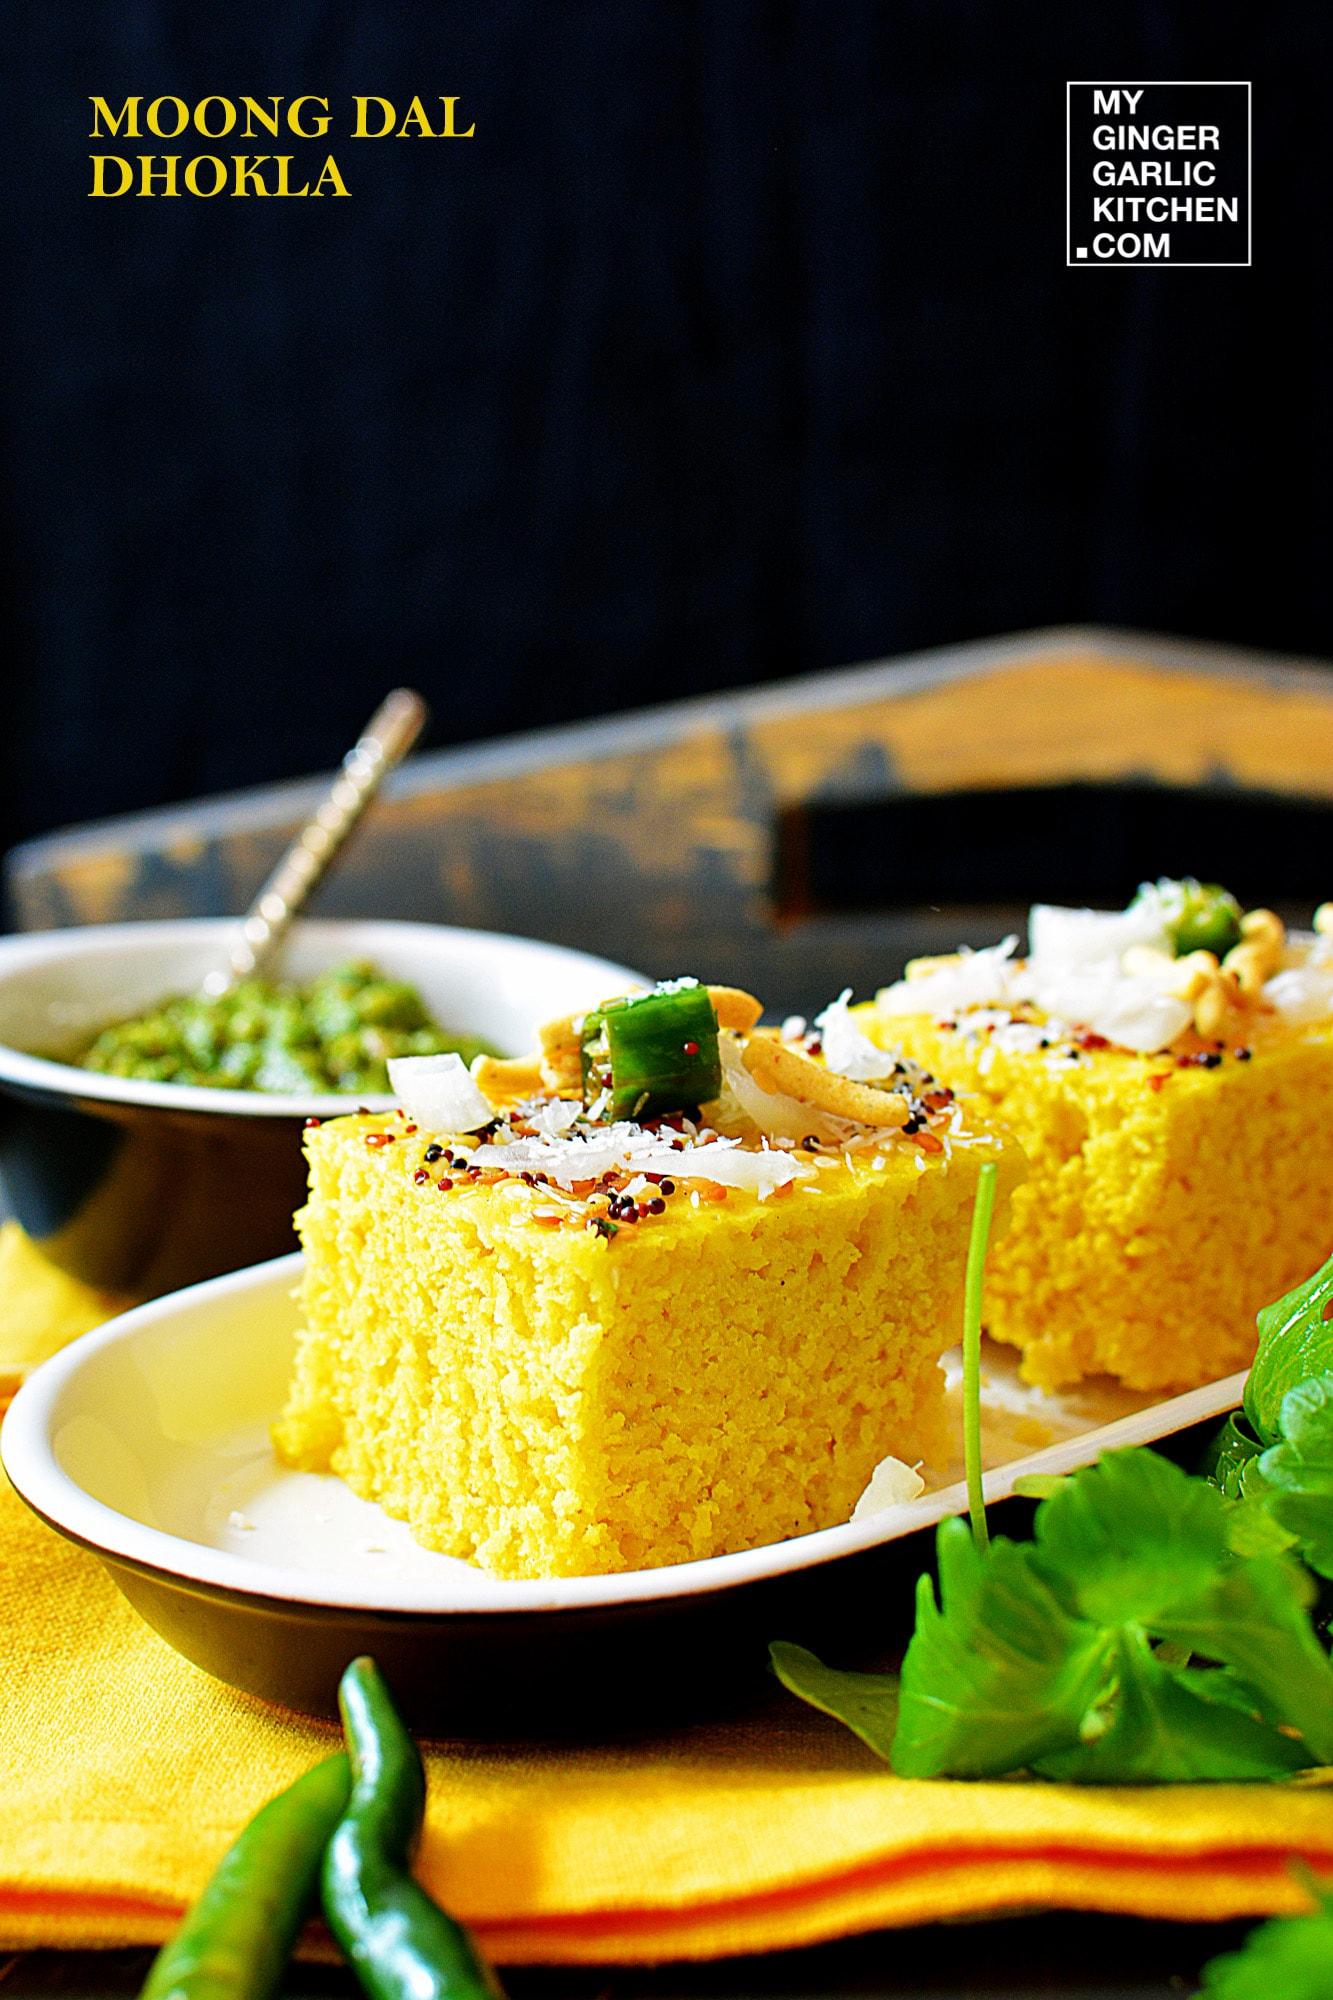 Image - recipe moong dal dhokla anupama paliwal my ginger garlic kitchen 2